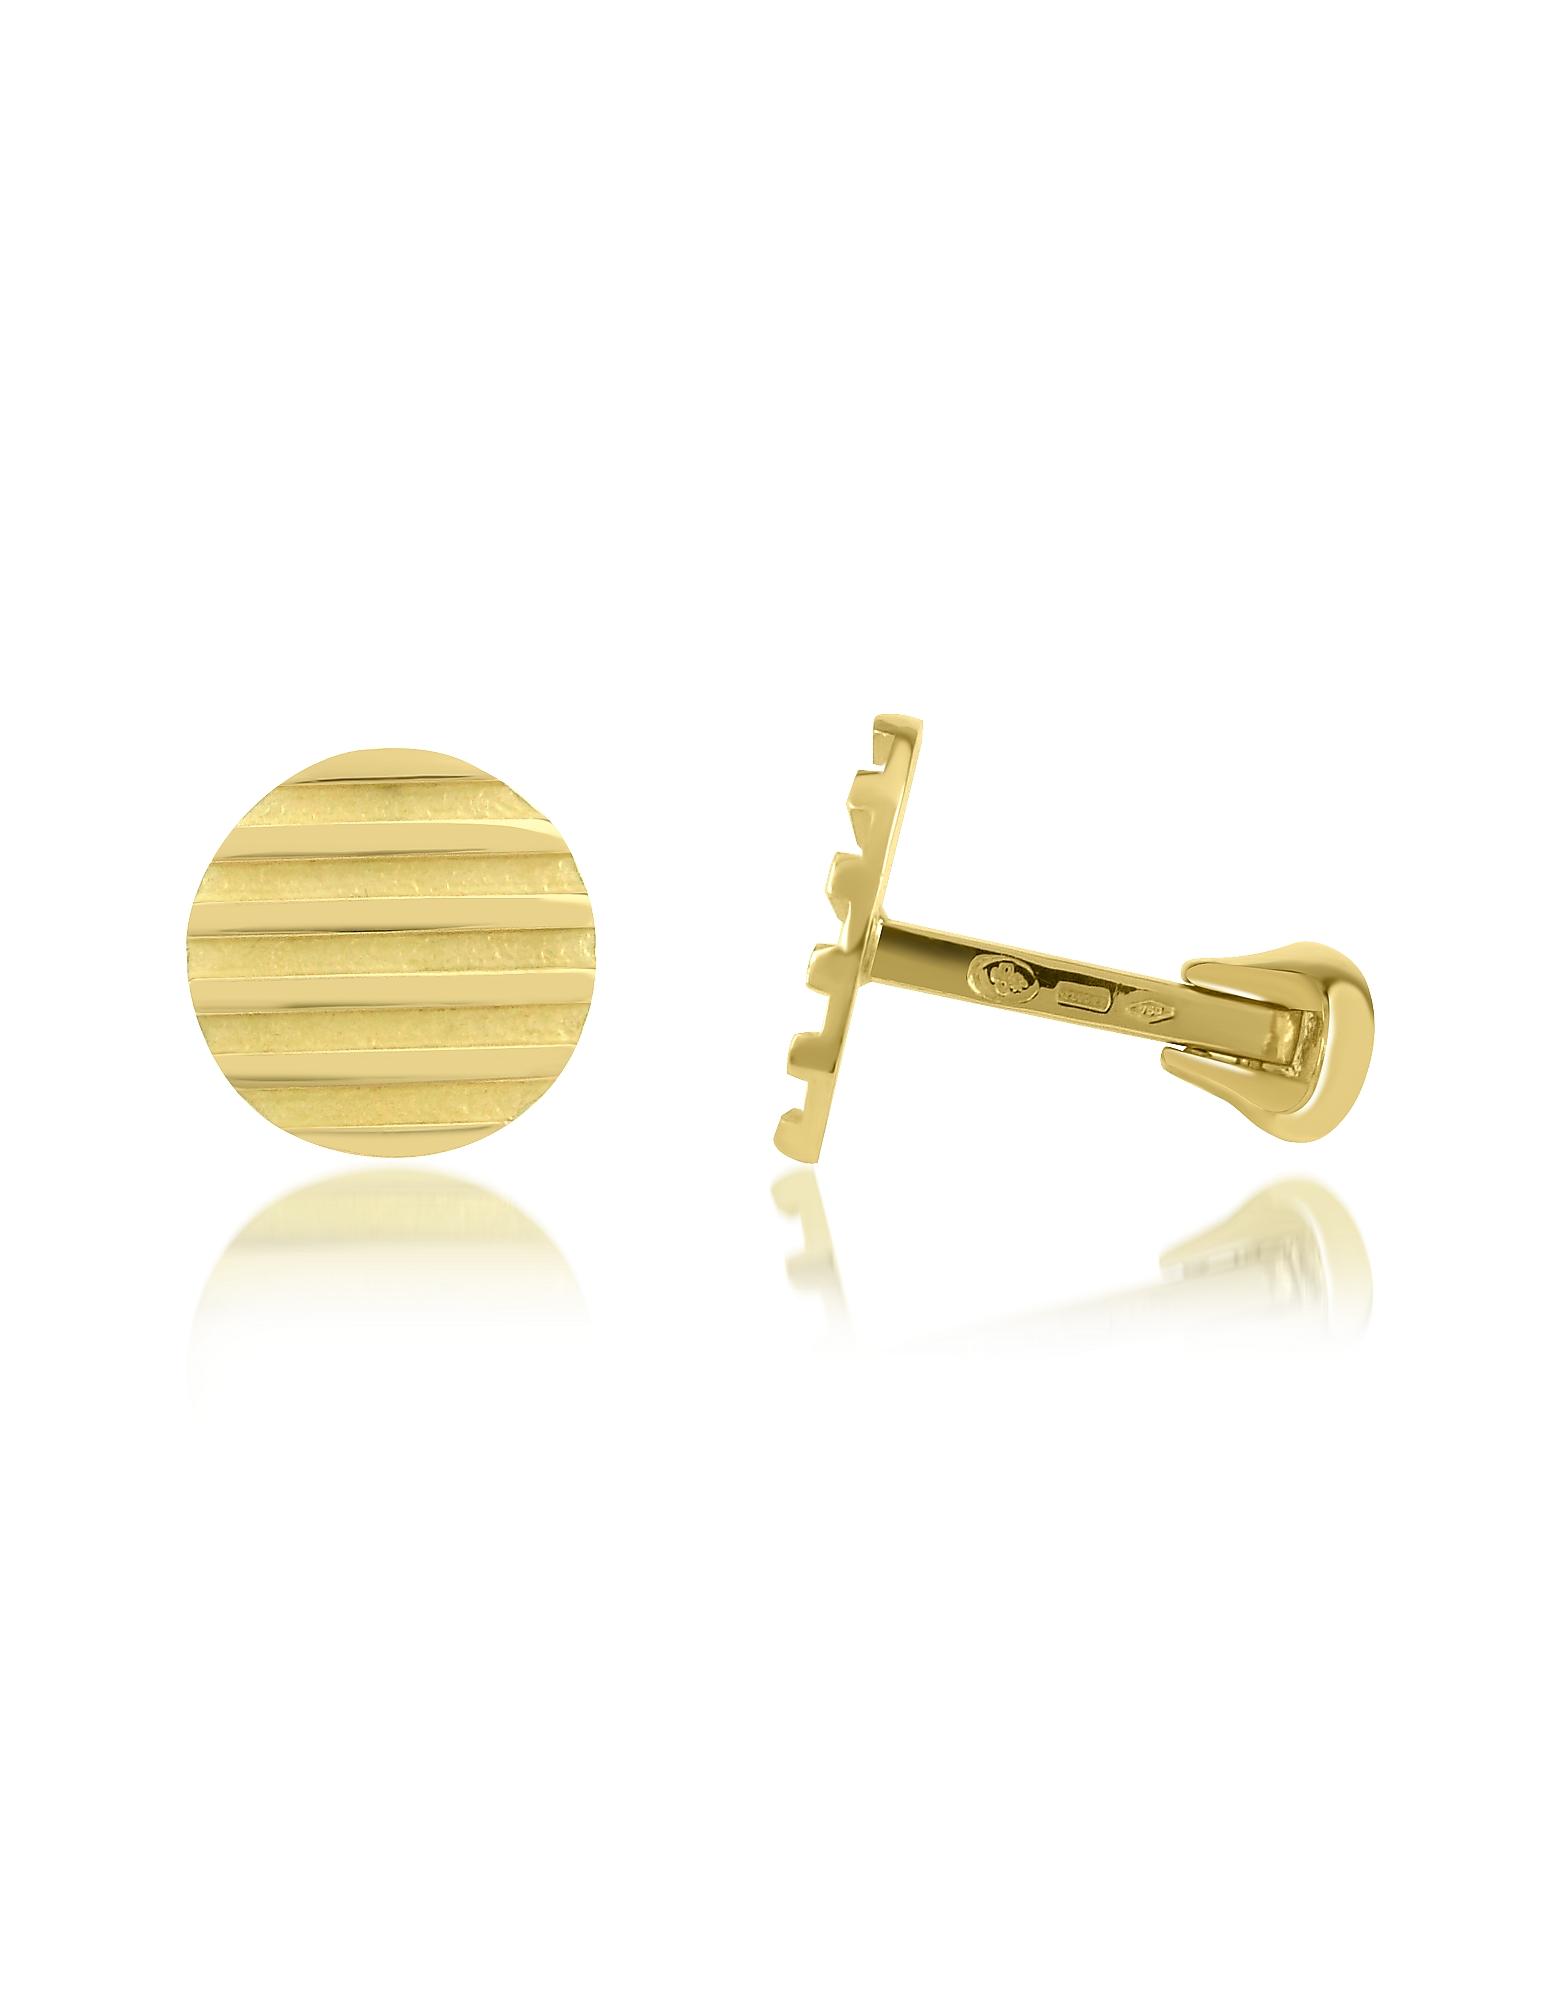 Stripes - Круглые Запонки из Желтого Золота 18 карат